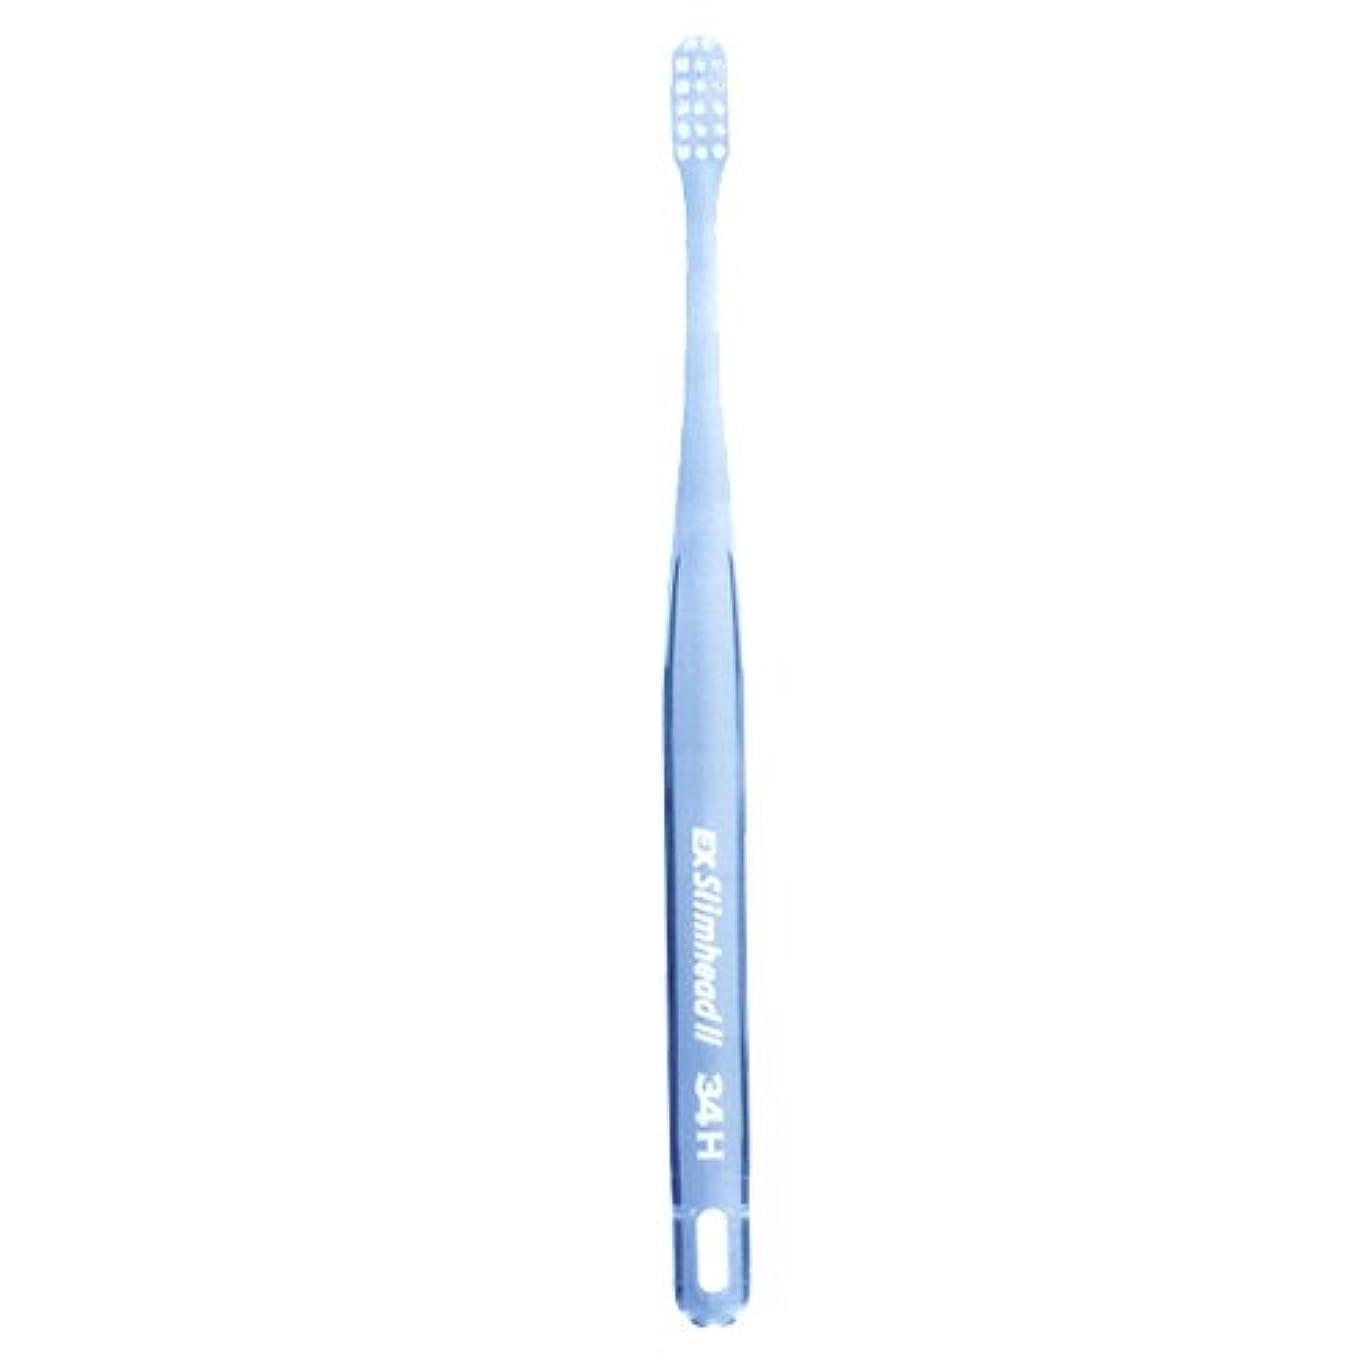 オフセット起業家食い違いライオン スリムヘッド2 歯ブラシ DENT . EX Slimhead2 1本 34M クリアブルー